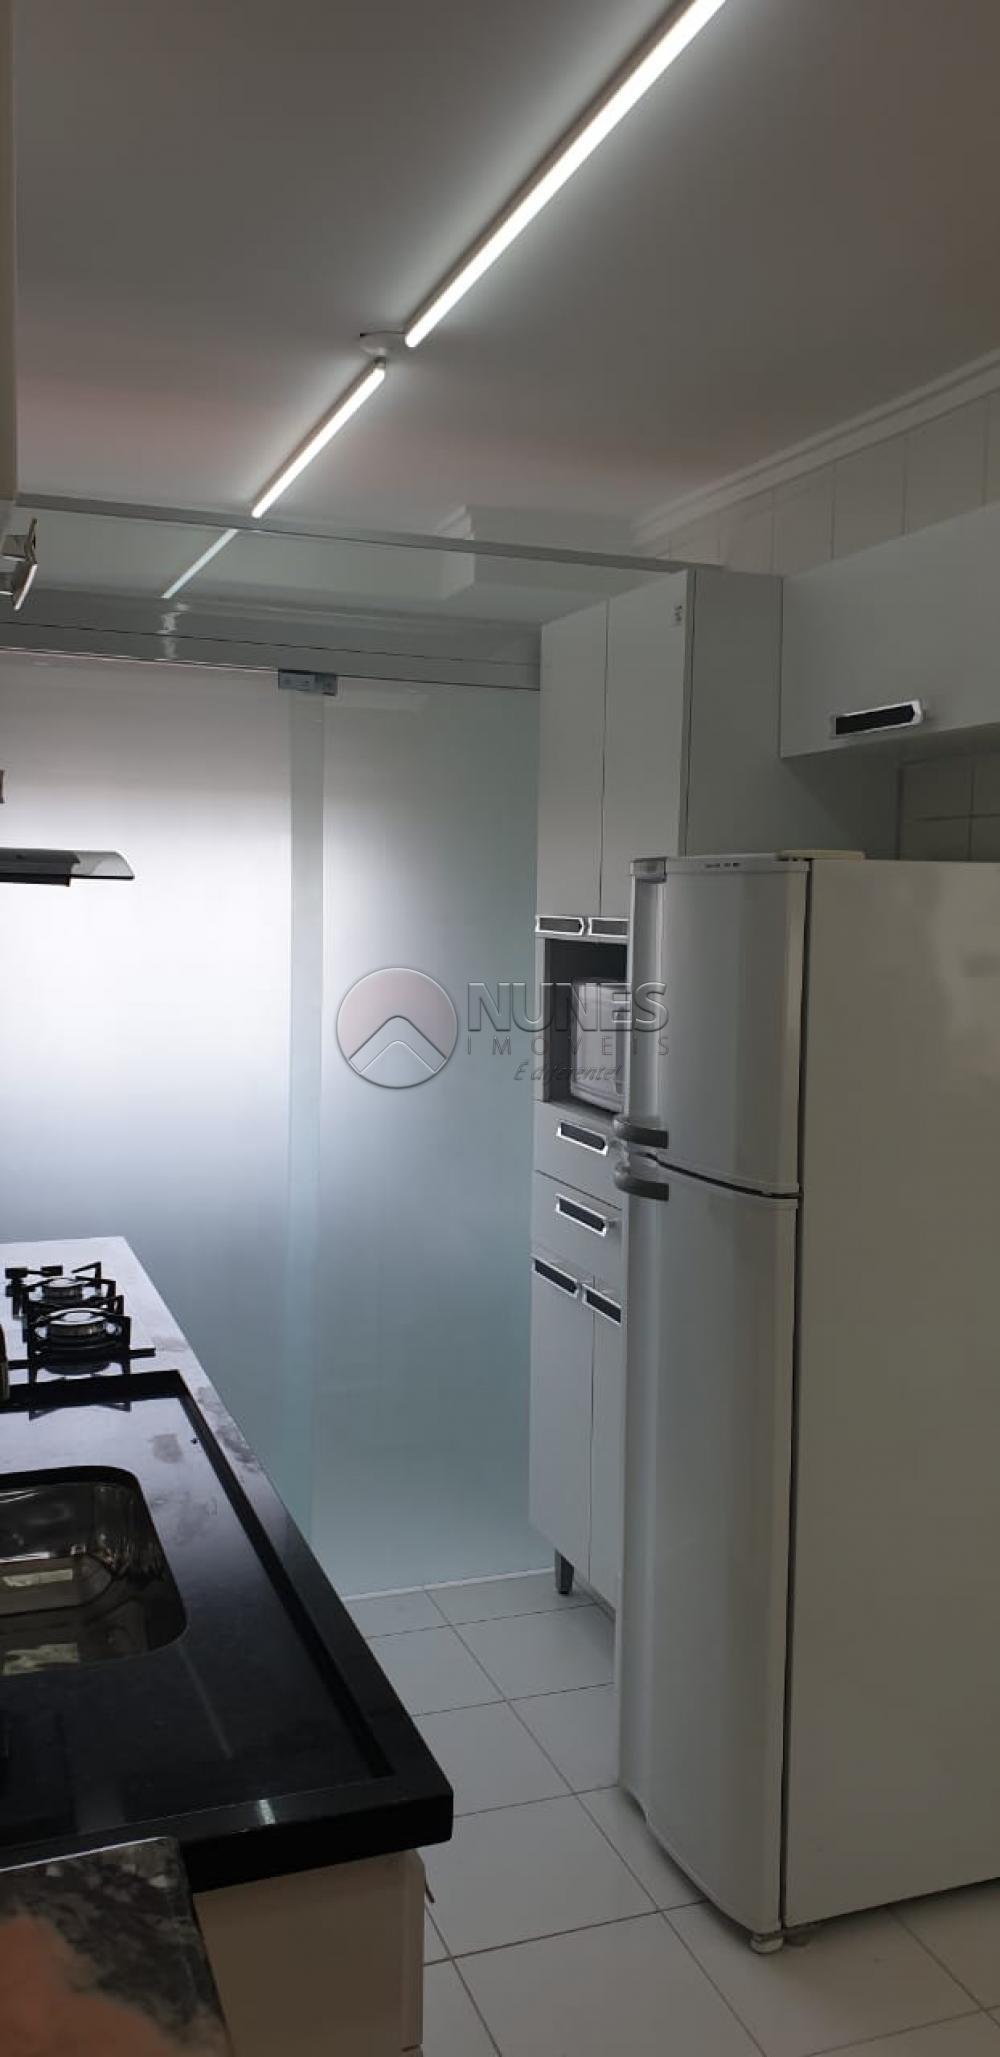 Comprar Apartamento / Padrão em Osasco apenas R$ 195.000,00 - Foto 9